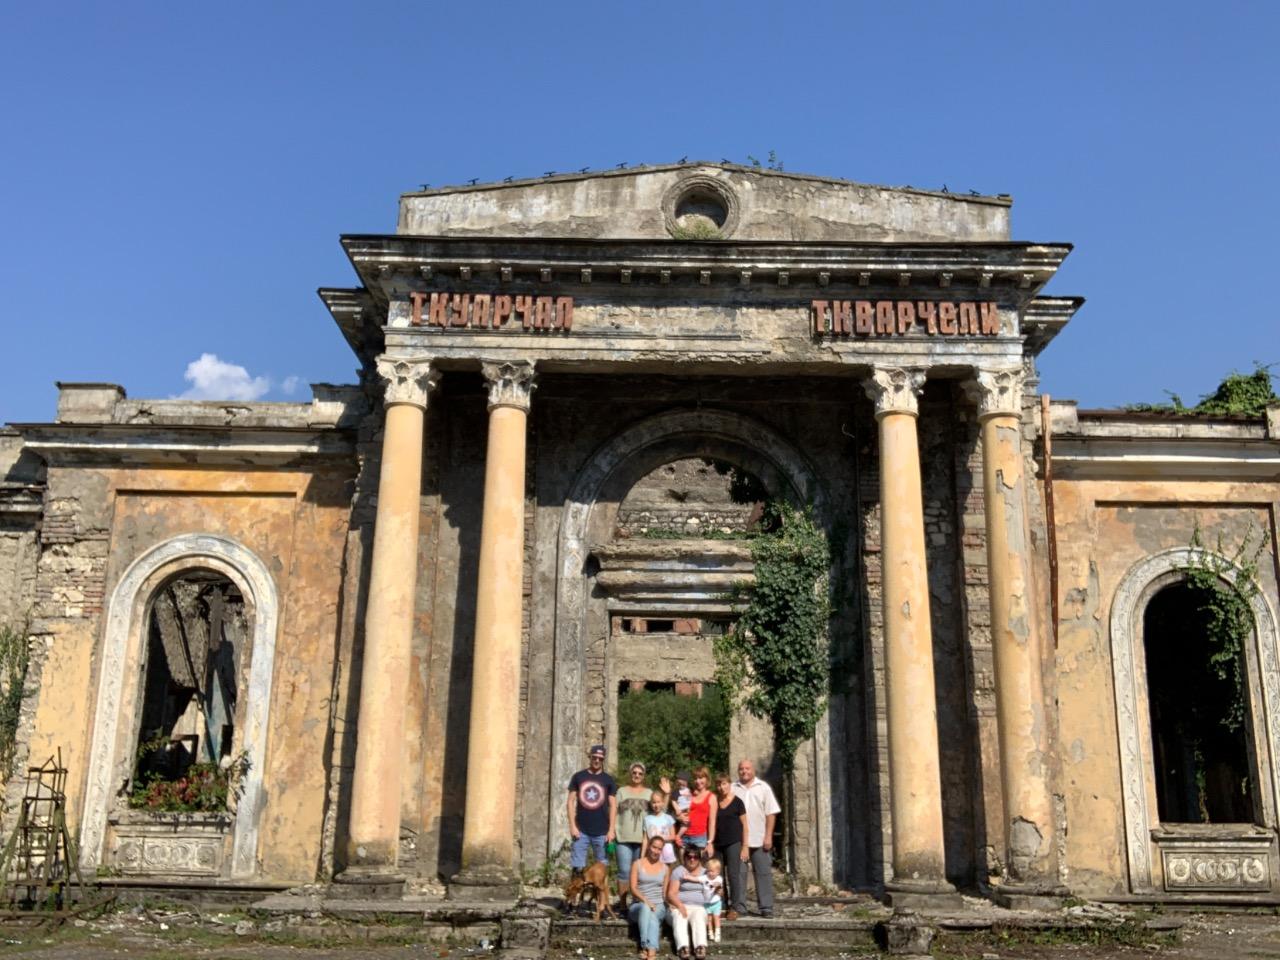 Восточная Абхазия: тур в постапокалиптический мир - индивидуальная экскурсия в Сочи от опытного гида